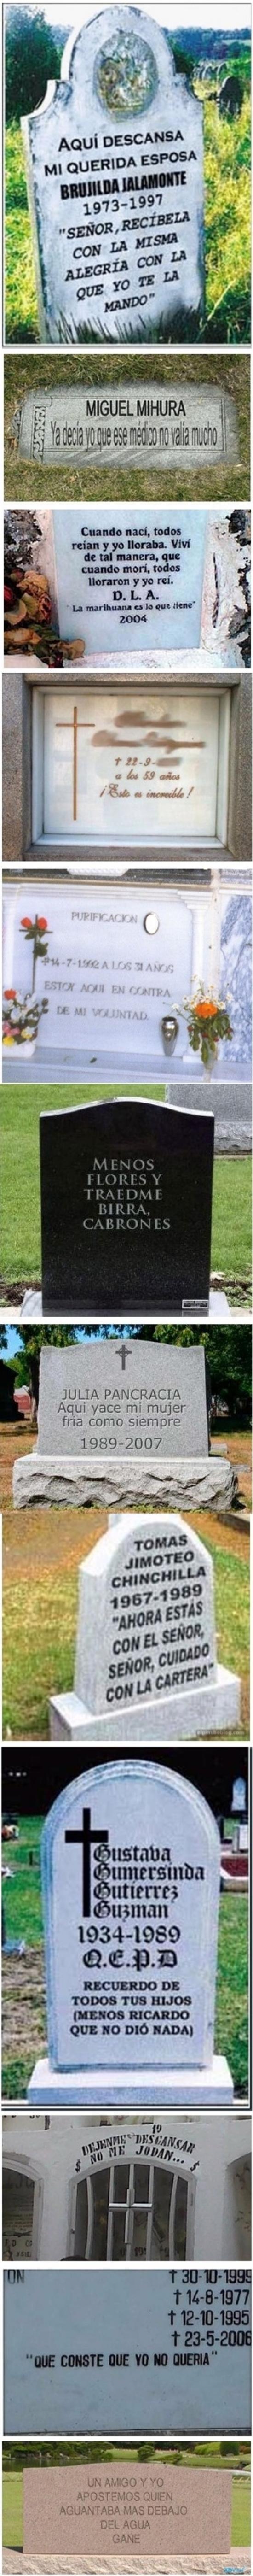 adiós,broma,cementerio,dedicatoria,despedida,epitafio,escritura,humor,lápida,muerte,troll